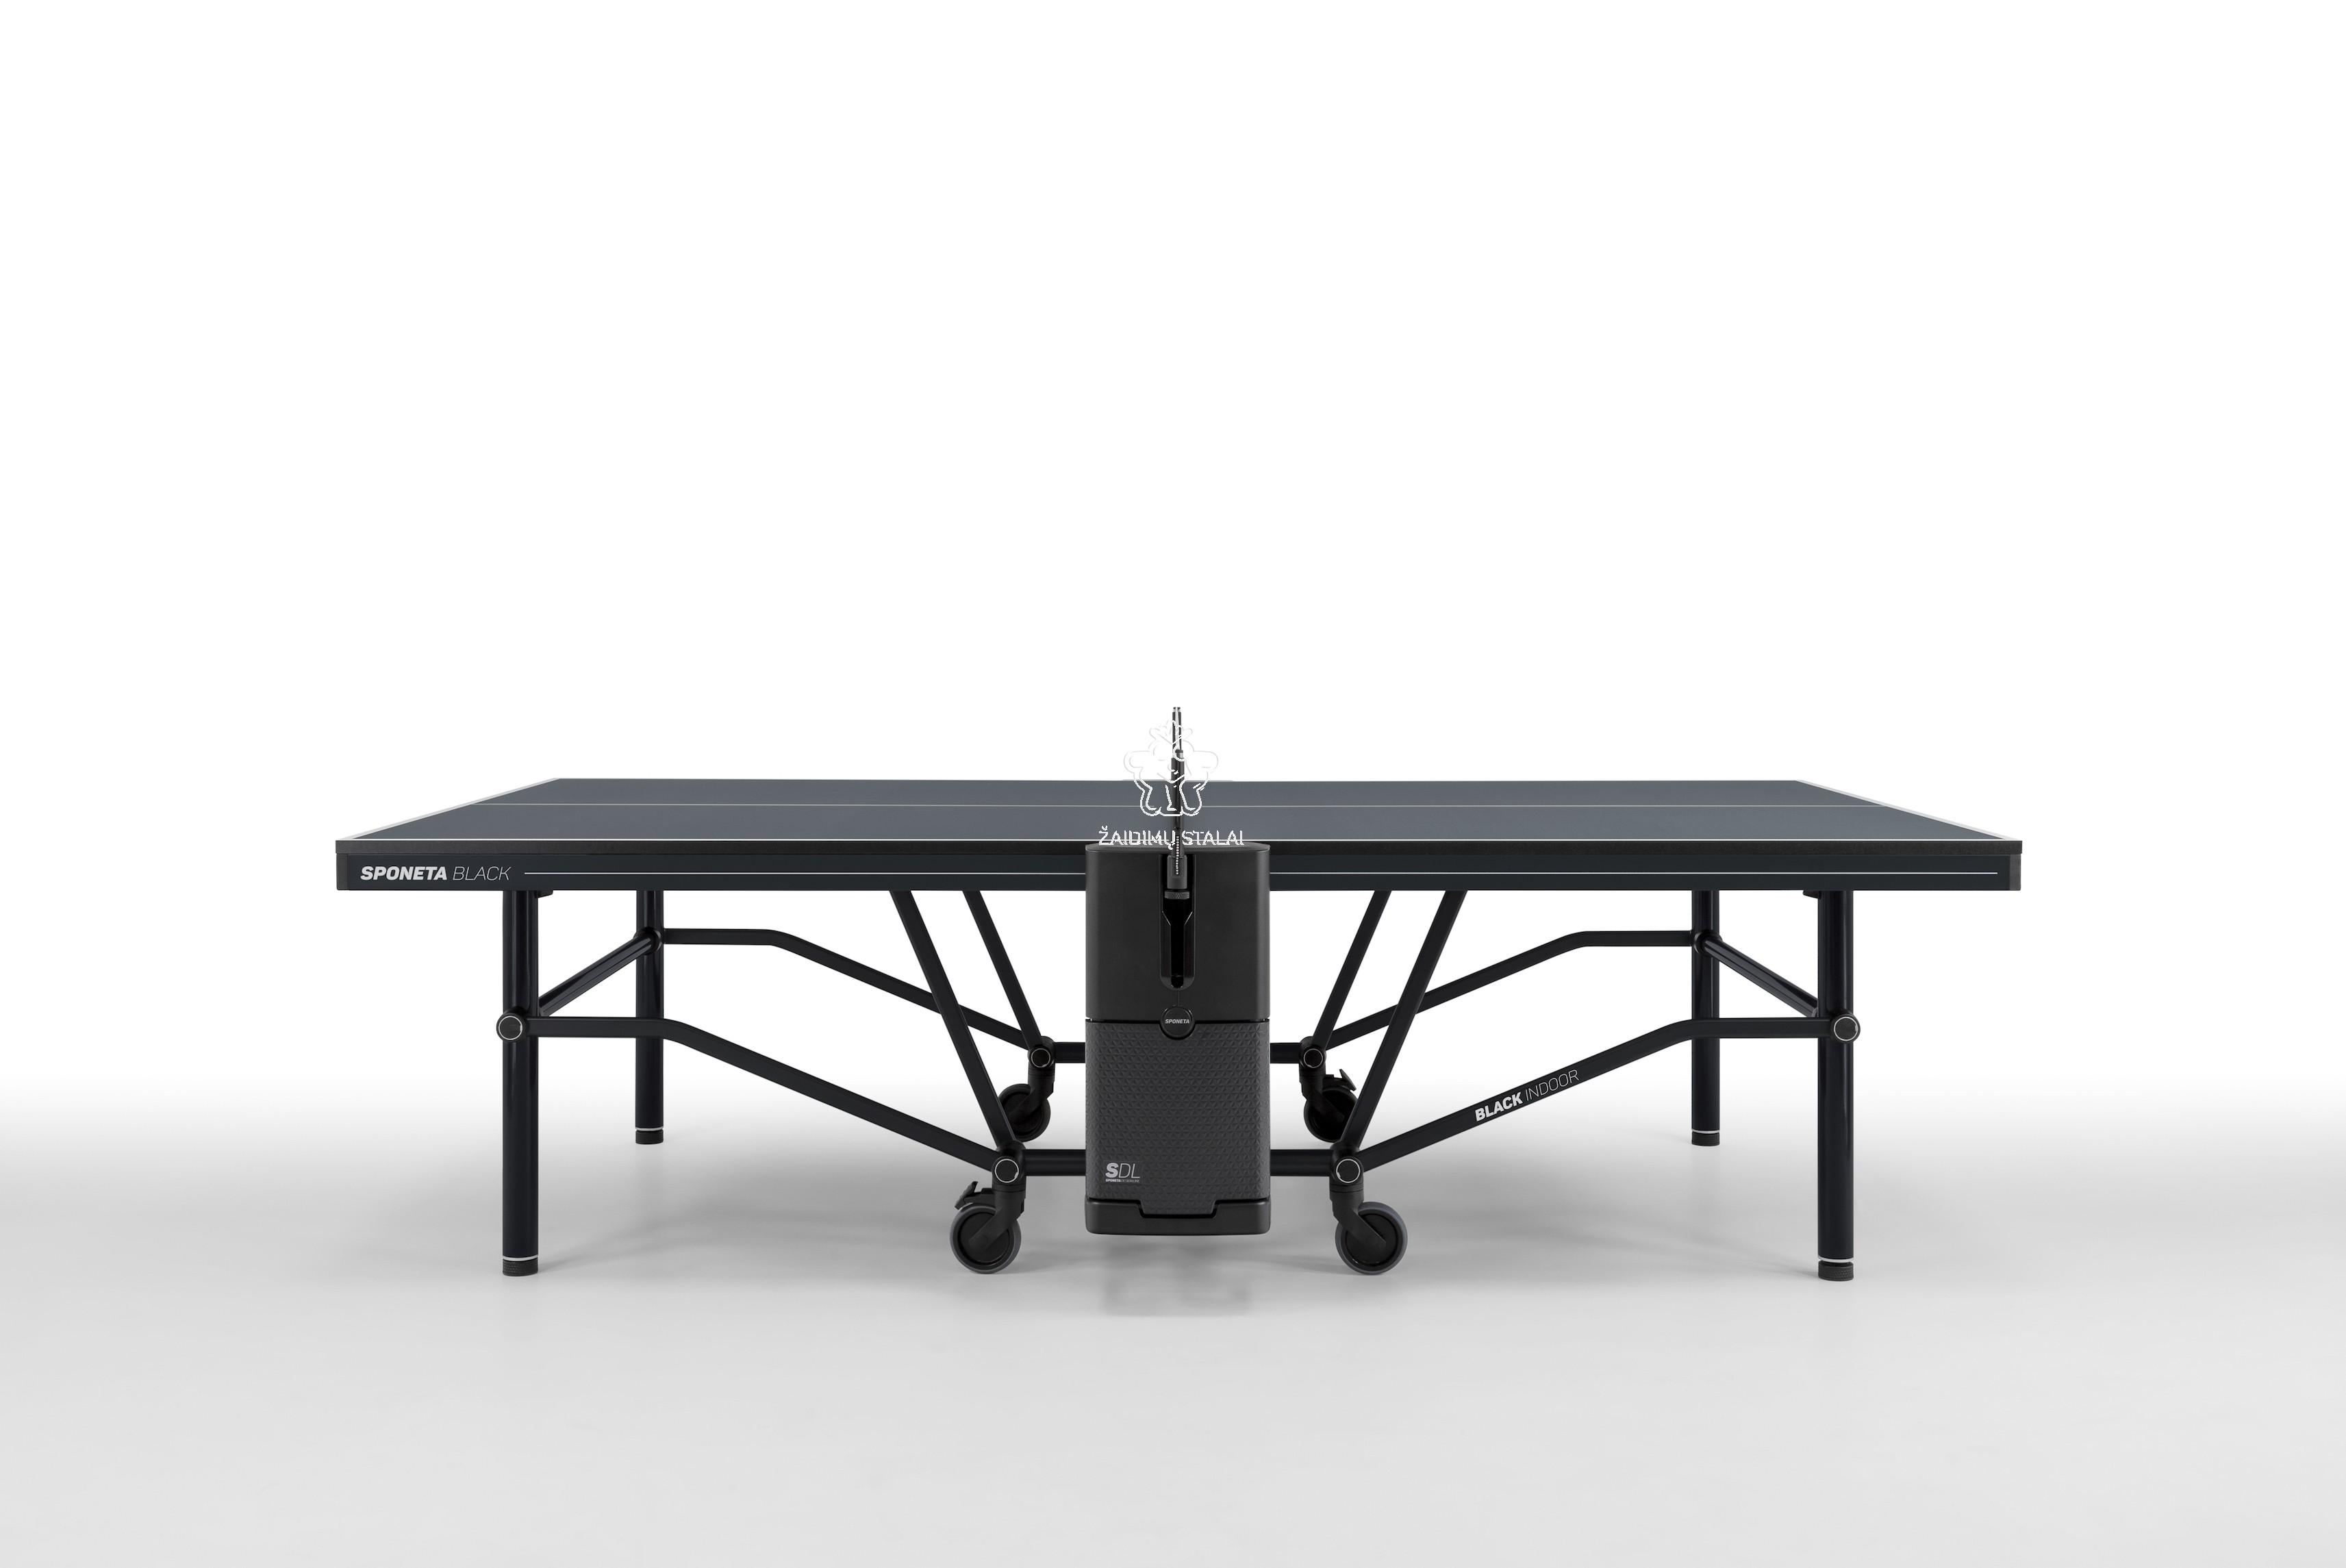 Stalo teniso stalas Sponeta Design Line BLACK INDOOR